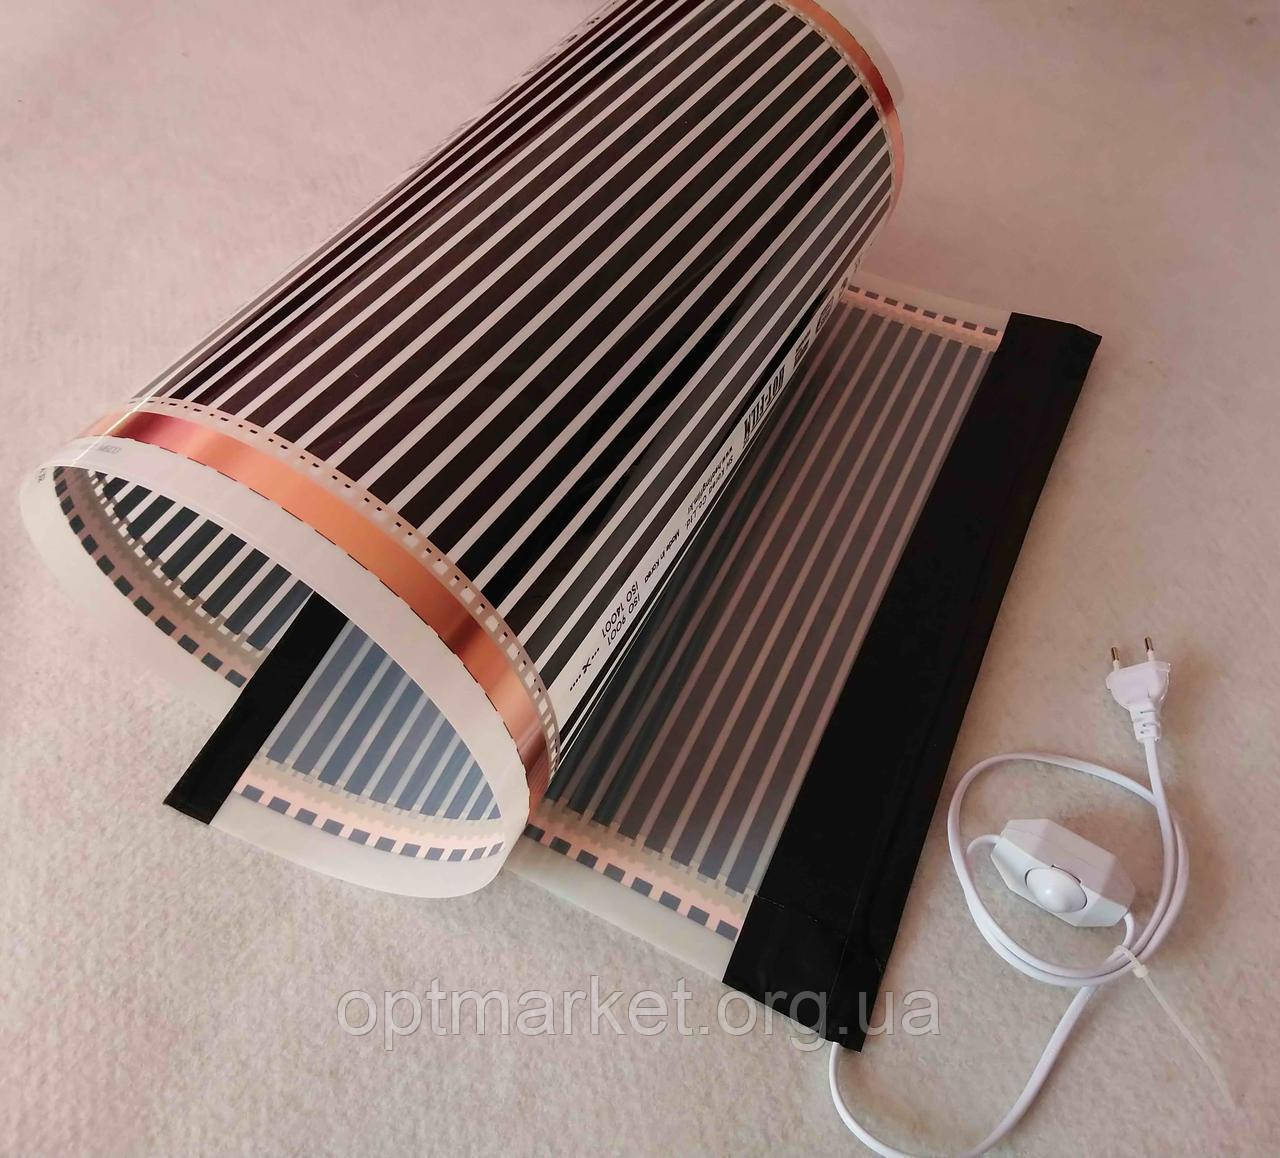 Інфрачервоний килимок-обігрівач 100х300 (обігрівач для курчат, обігрівач для поросят, кроликів) 600Вт